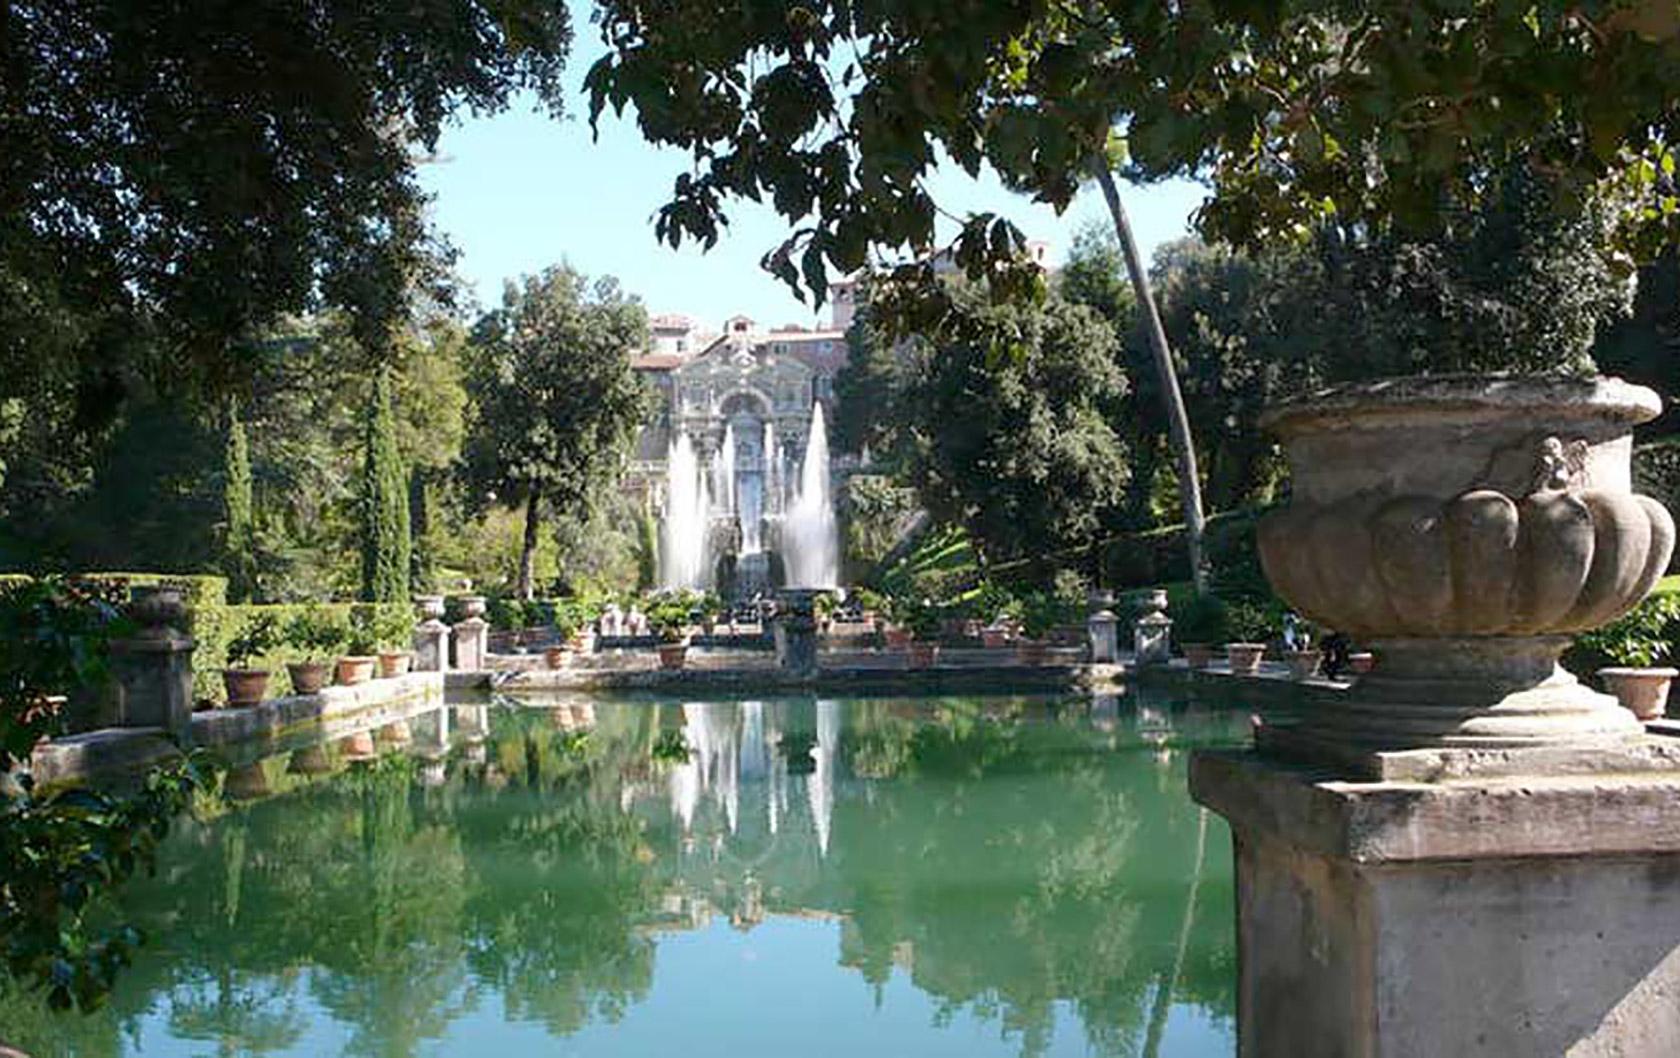 The Magical Fountains of Villa d'Este in Tivoli